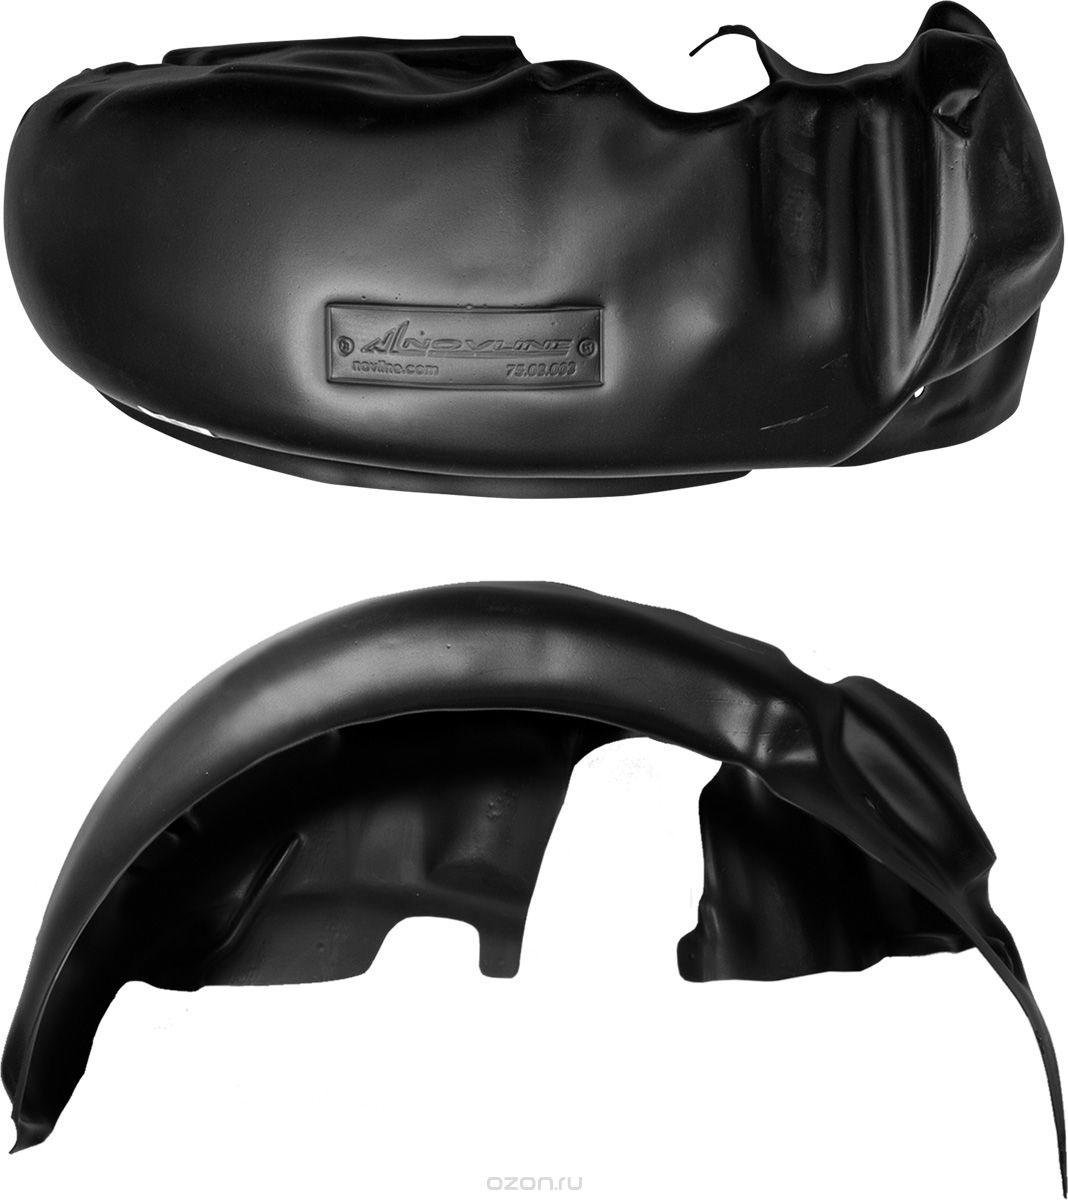 Подкрылок Novline-Autofamily, для Ford Focus 3 рестайлинг, 2015->, седан, передний левыйNLL.16.32.001Идеальная защита колесной ниши. Локеры разработаны с применением цифровых технологий, гарантируют максимальную повторяемость поверхности арки. Изделия устанавливаются без нарушения лакокрасочного покрытия автомобиля, каждый подкрылок комплектуется крепежом. Уважаемые клиенты, обращаем ваше внимание, что фотографии на подкрылки универсальные и не отражают реальную форму изделия. При этом само изделие идет точно под размер указанного автомобиля.